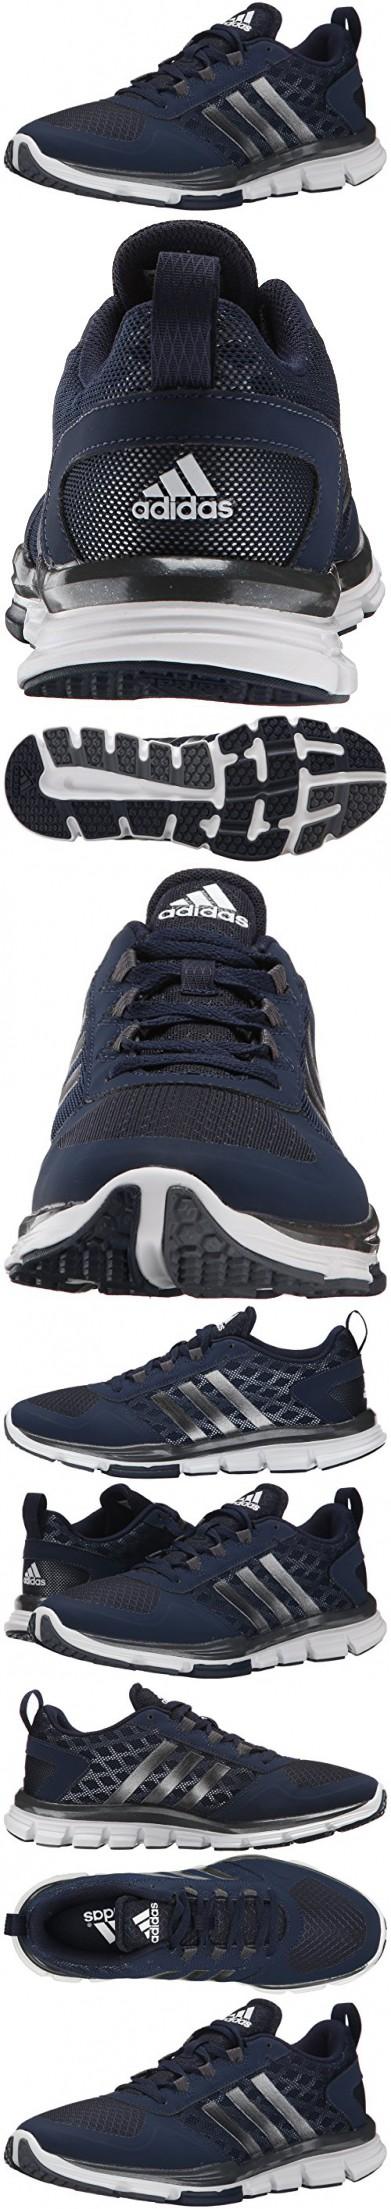 adidas performance maschile velocità trainer 2 scarpa, collegiale